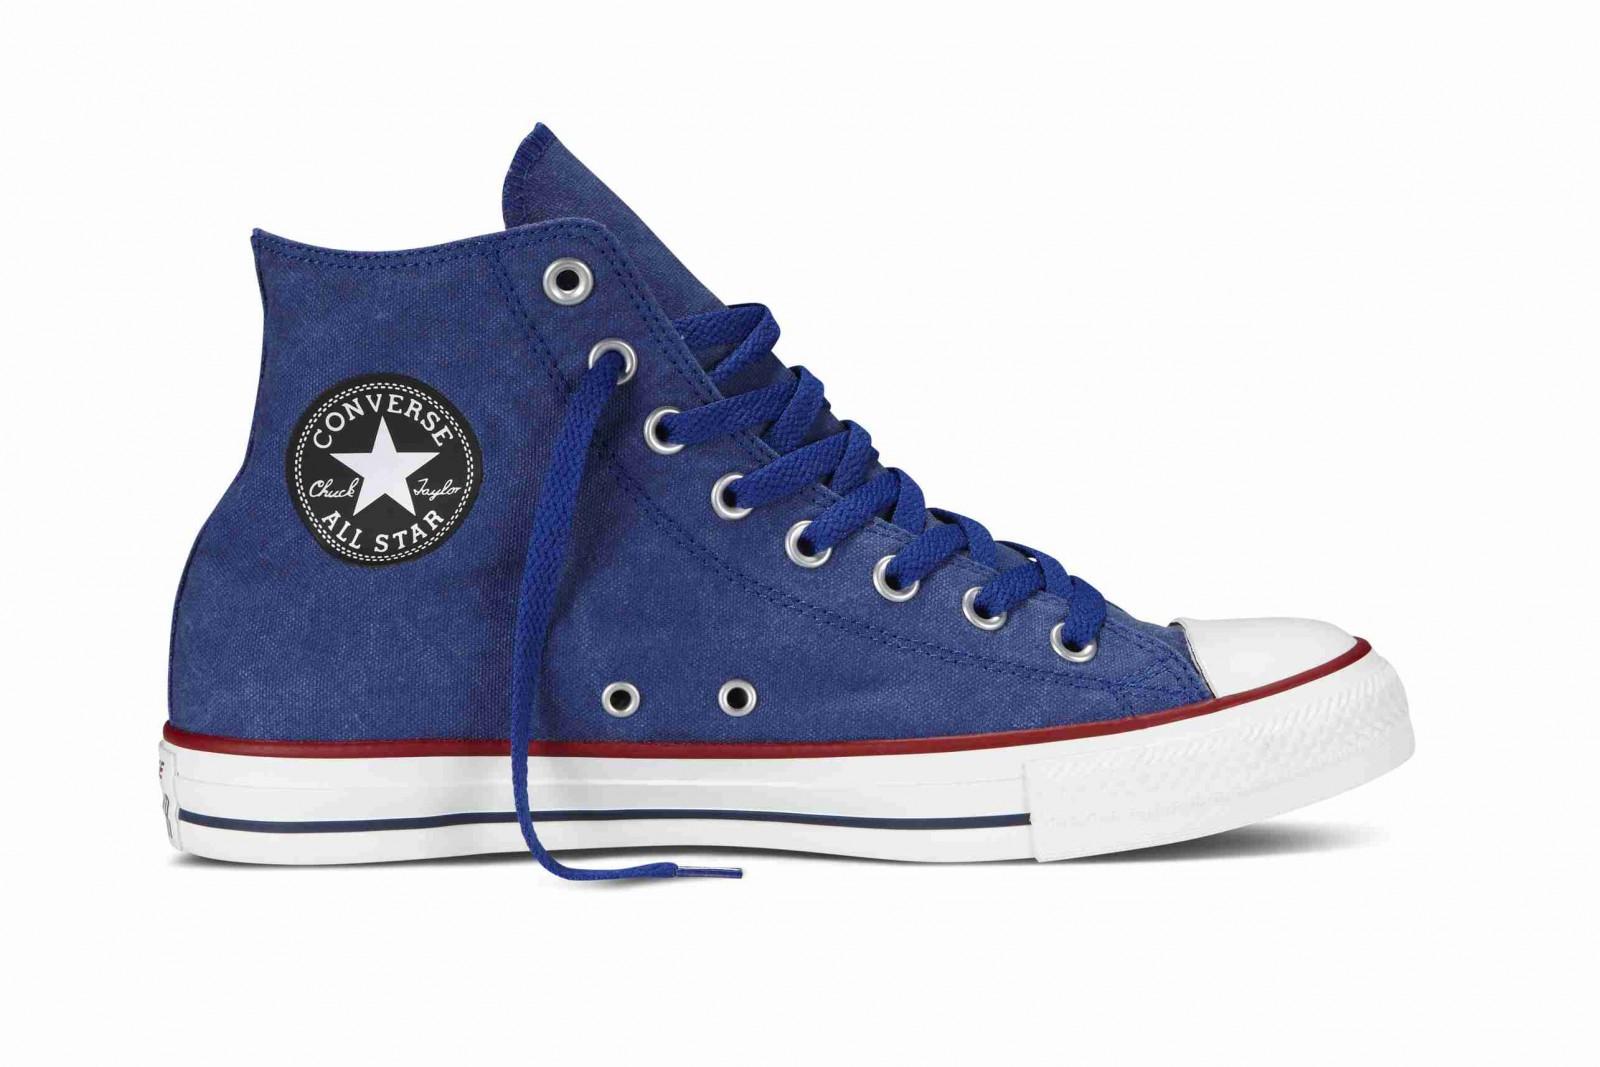 38ff517bd29 Pánské boty Converse Chuck Taylor All Star sytě modré